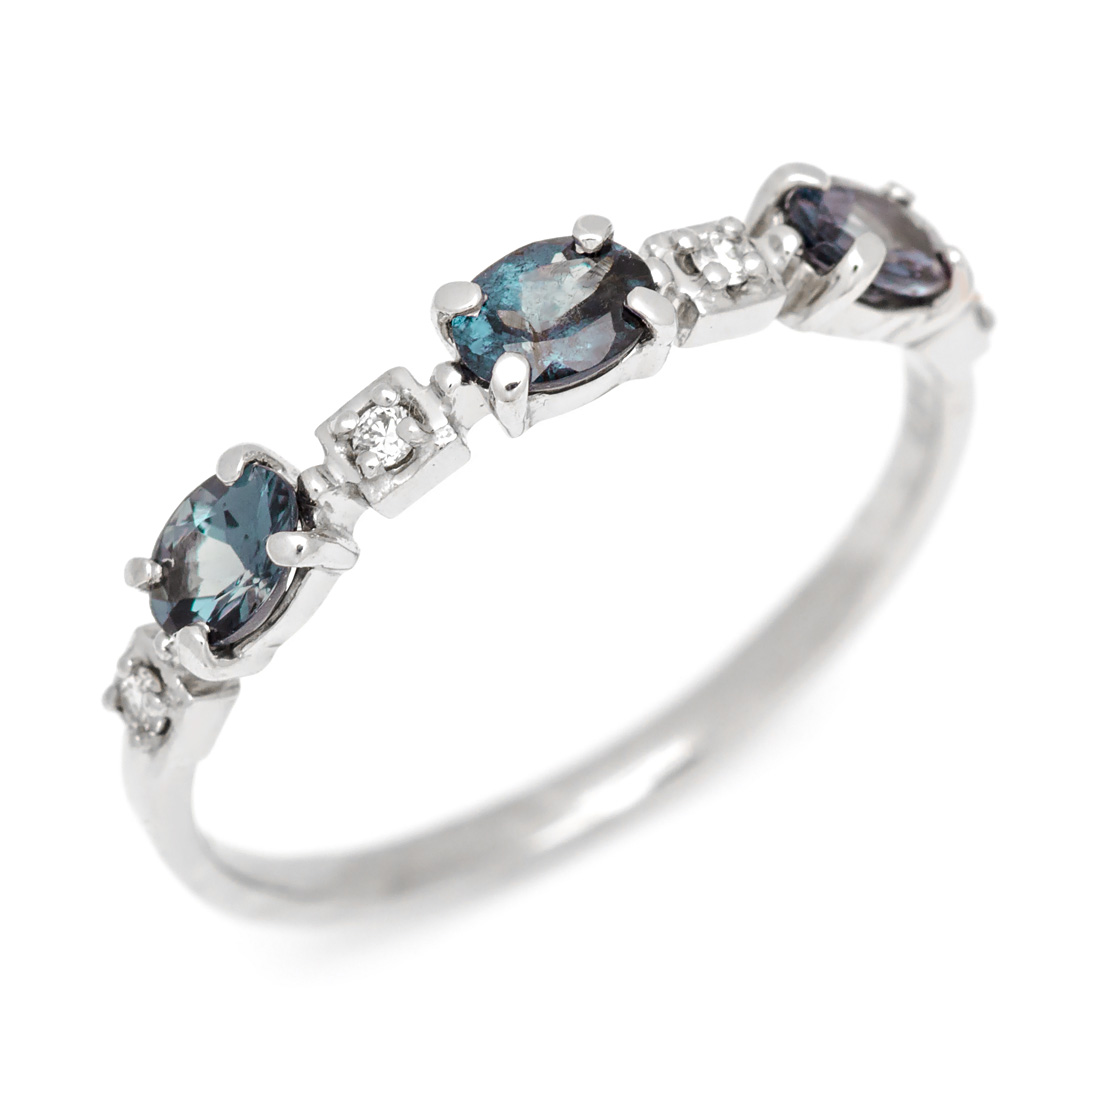 K18 カラーチェンジガーネットダイヤモンド リング 「purezza」 指輪 ゴールド 18K 18金 ダイアモンド 誕生日 1月誕生石 刻印 文字入れ メッセージ ギフト 贈り物 ピンキーリング対応可能